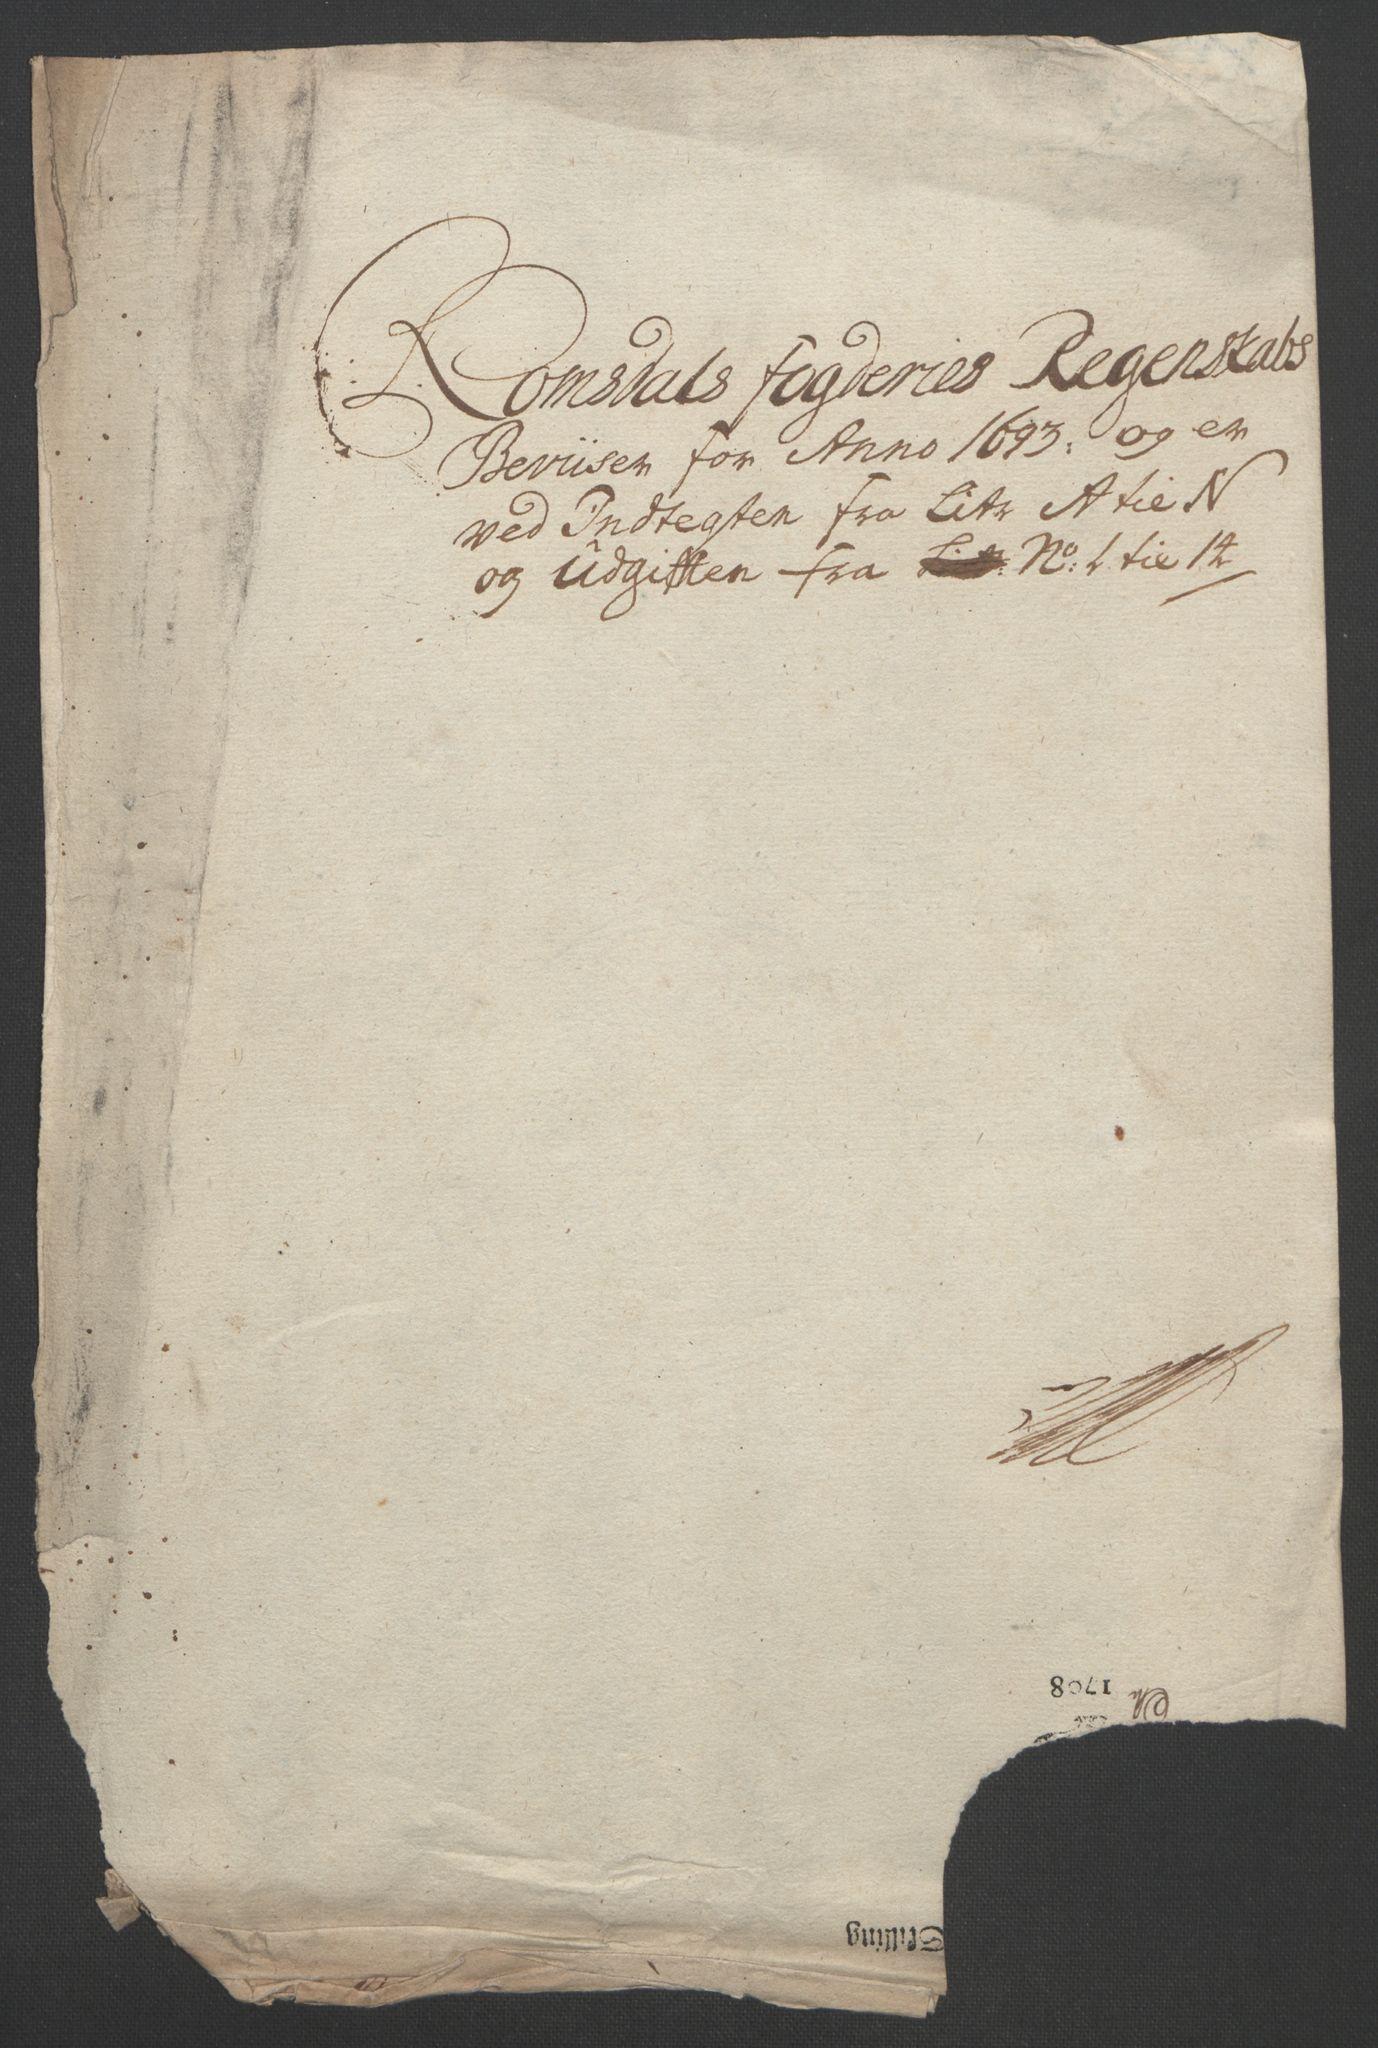 RA, Rentekammeret inntil 1814, Reviderte regnskaper, Fogderegnskap, R55/L3651: Fogderegnskap Romsdal, 1693-1694, s. 130